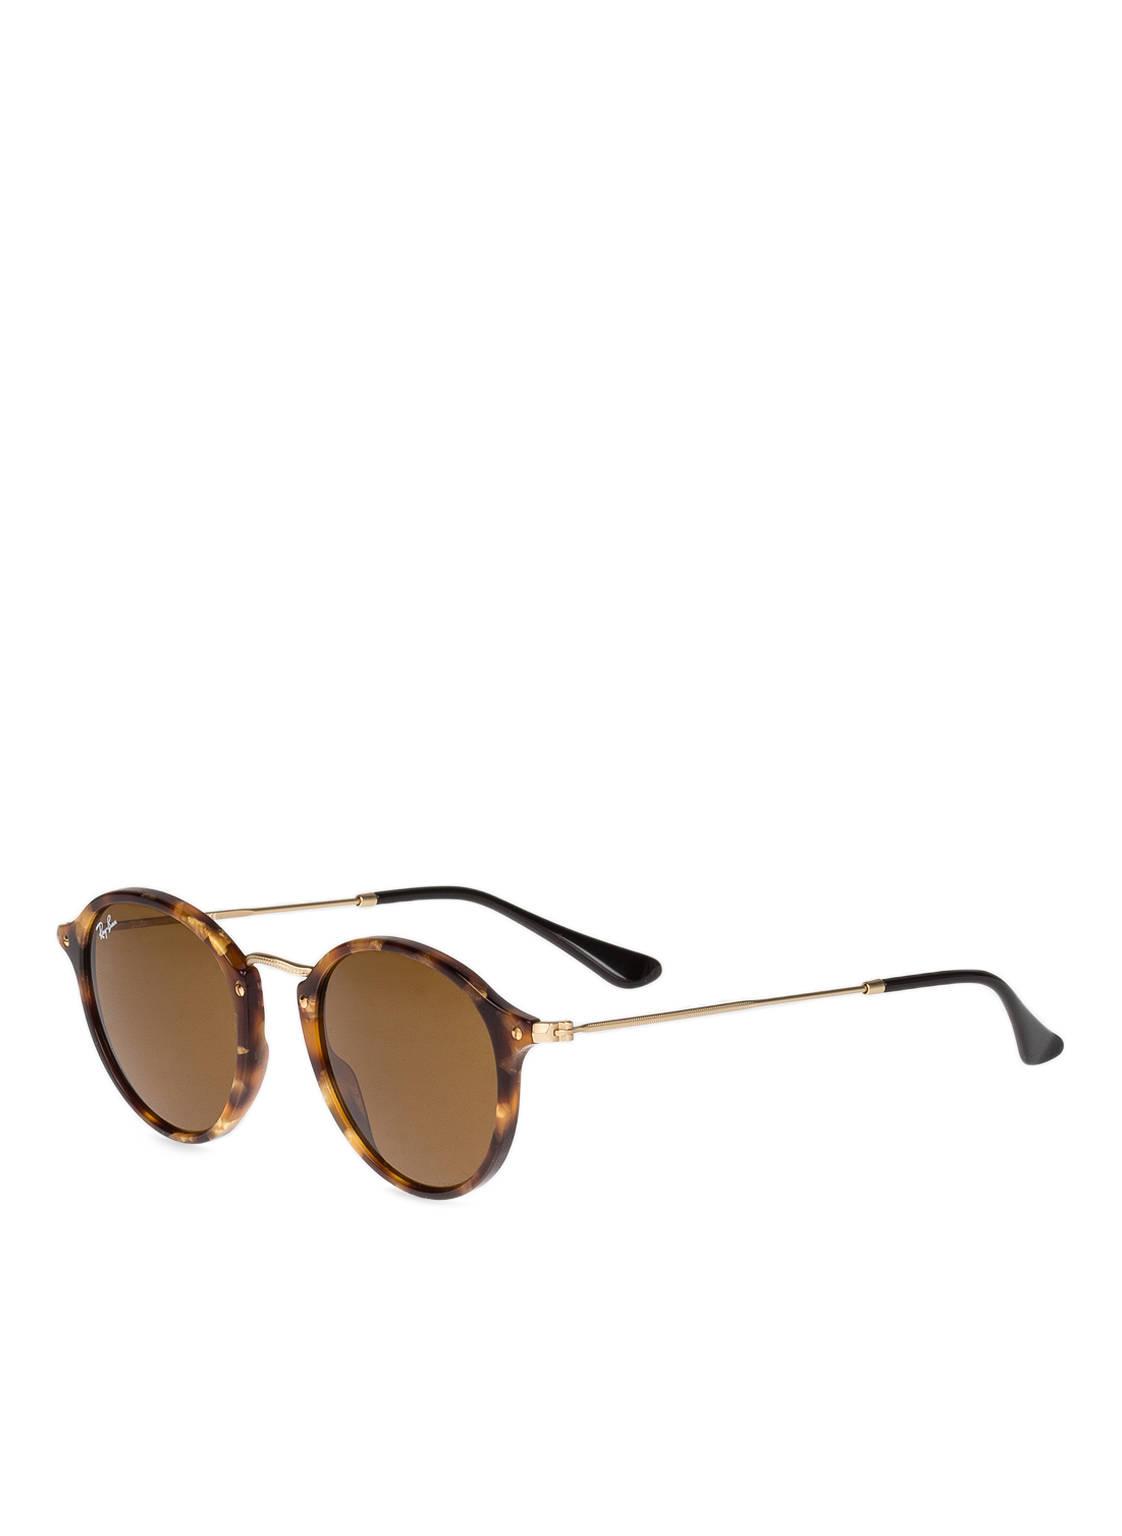 Sonnenbrille RB2447 ROUND FLECK von Ray-Ban bei Breuninger kaufen